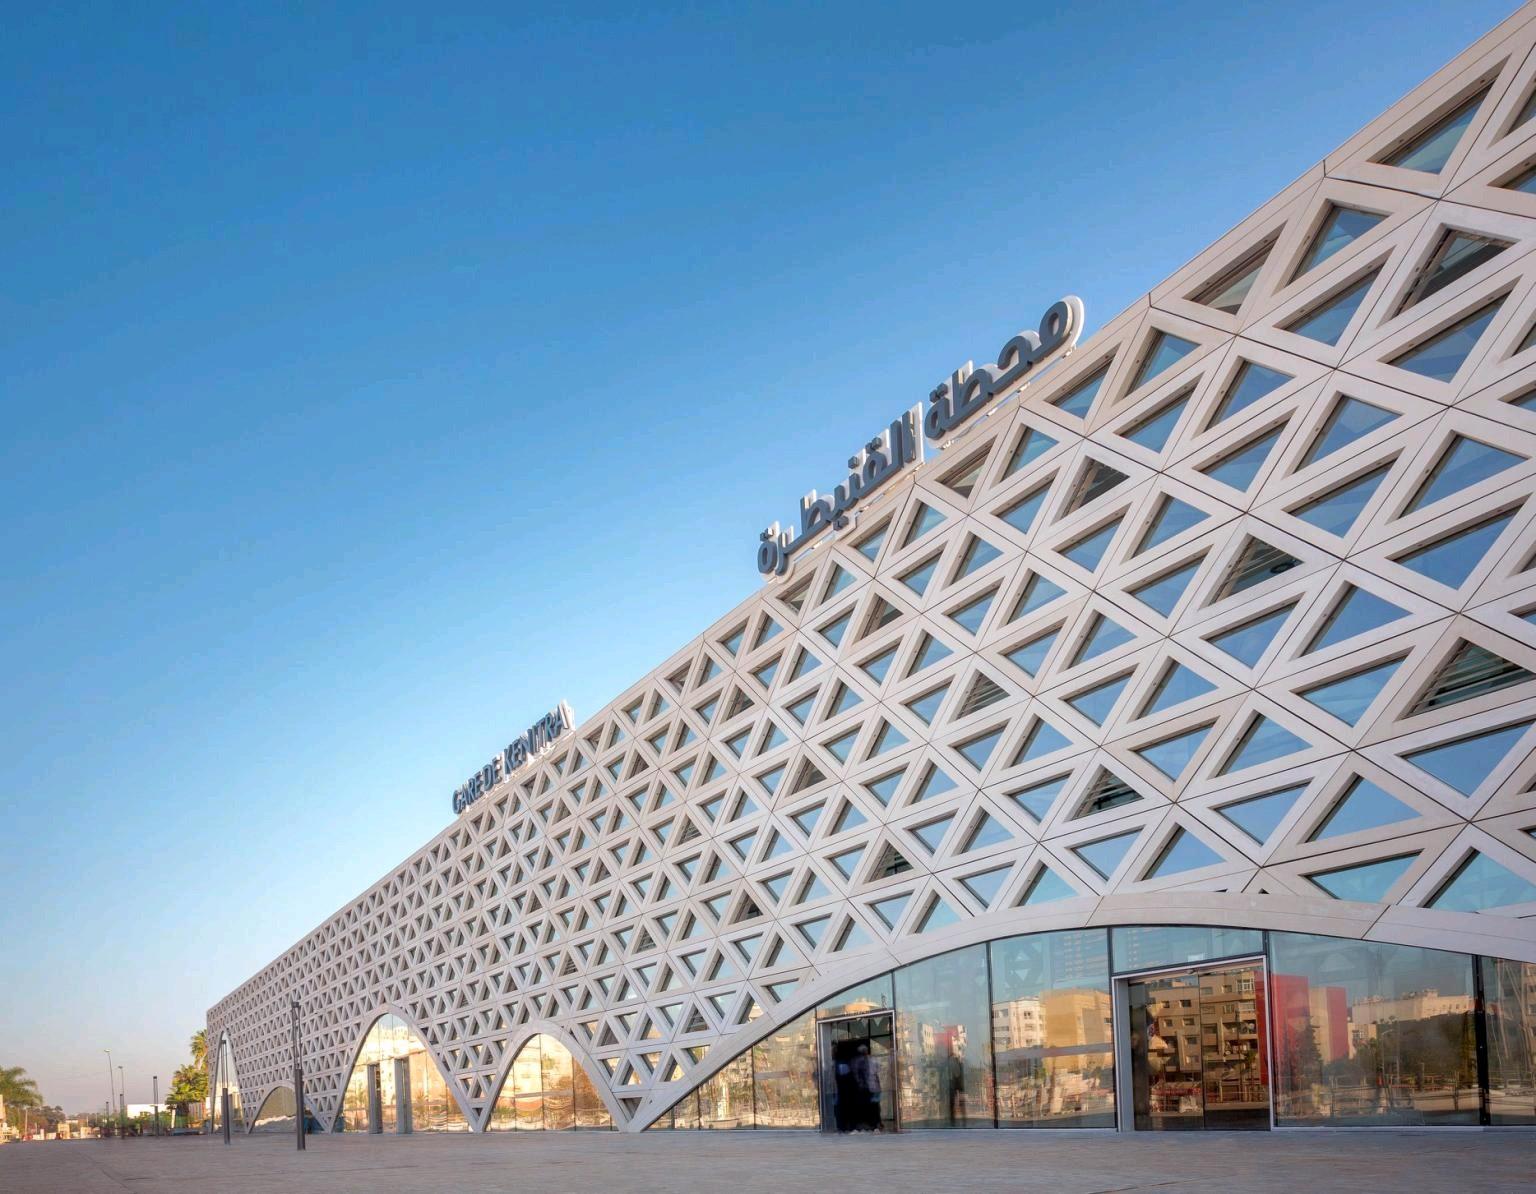 La gare LGV Kénitra primée par Prix mondial de l'architecture et du design